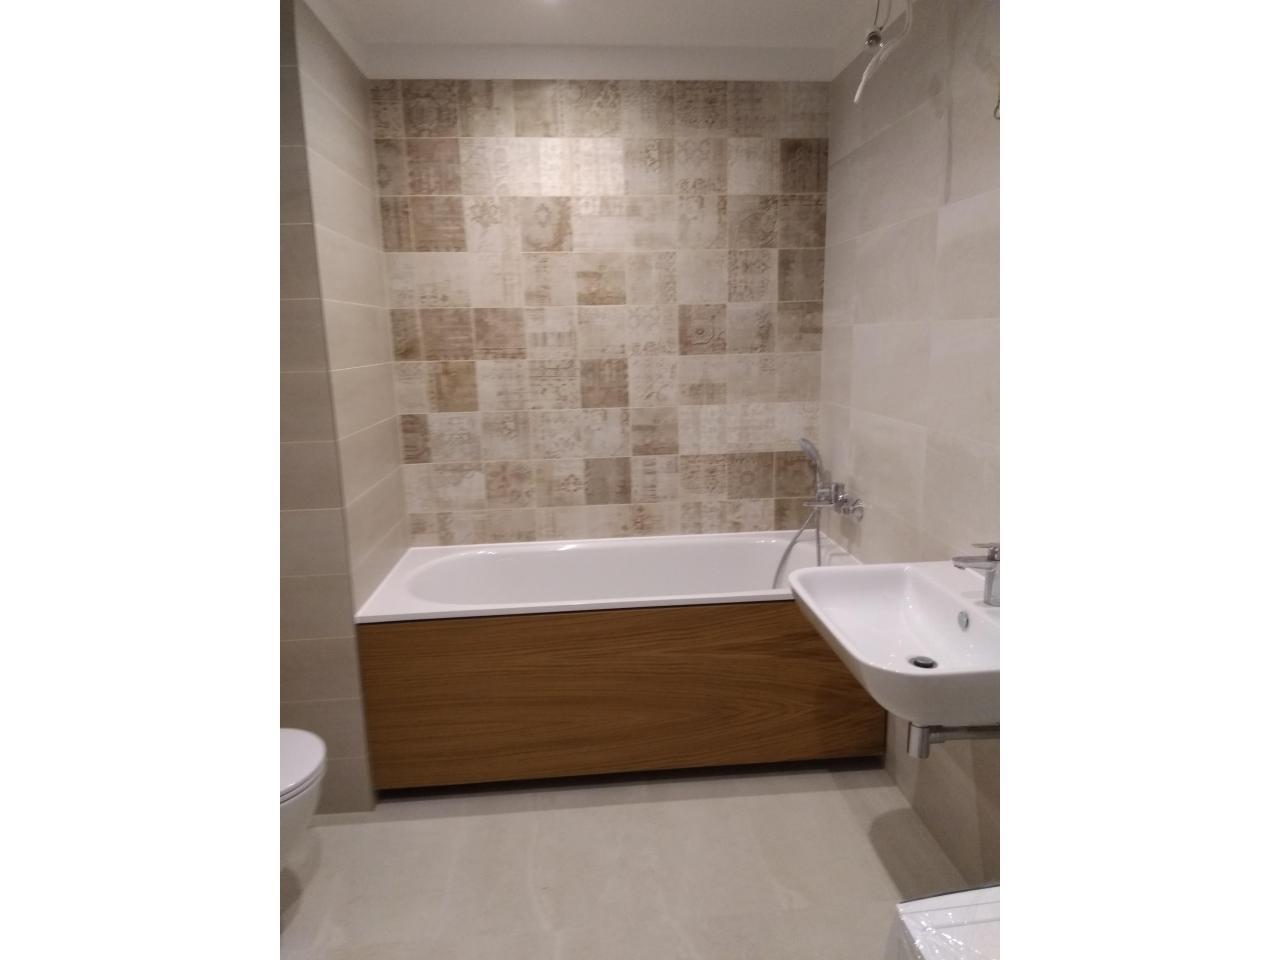 Продается 2 комнатная квартира в Латвии в городе Рига - 5